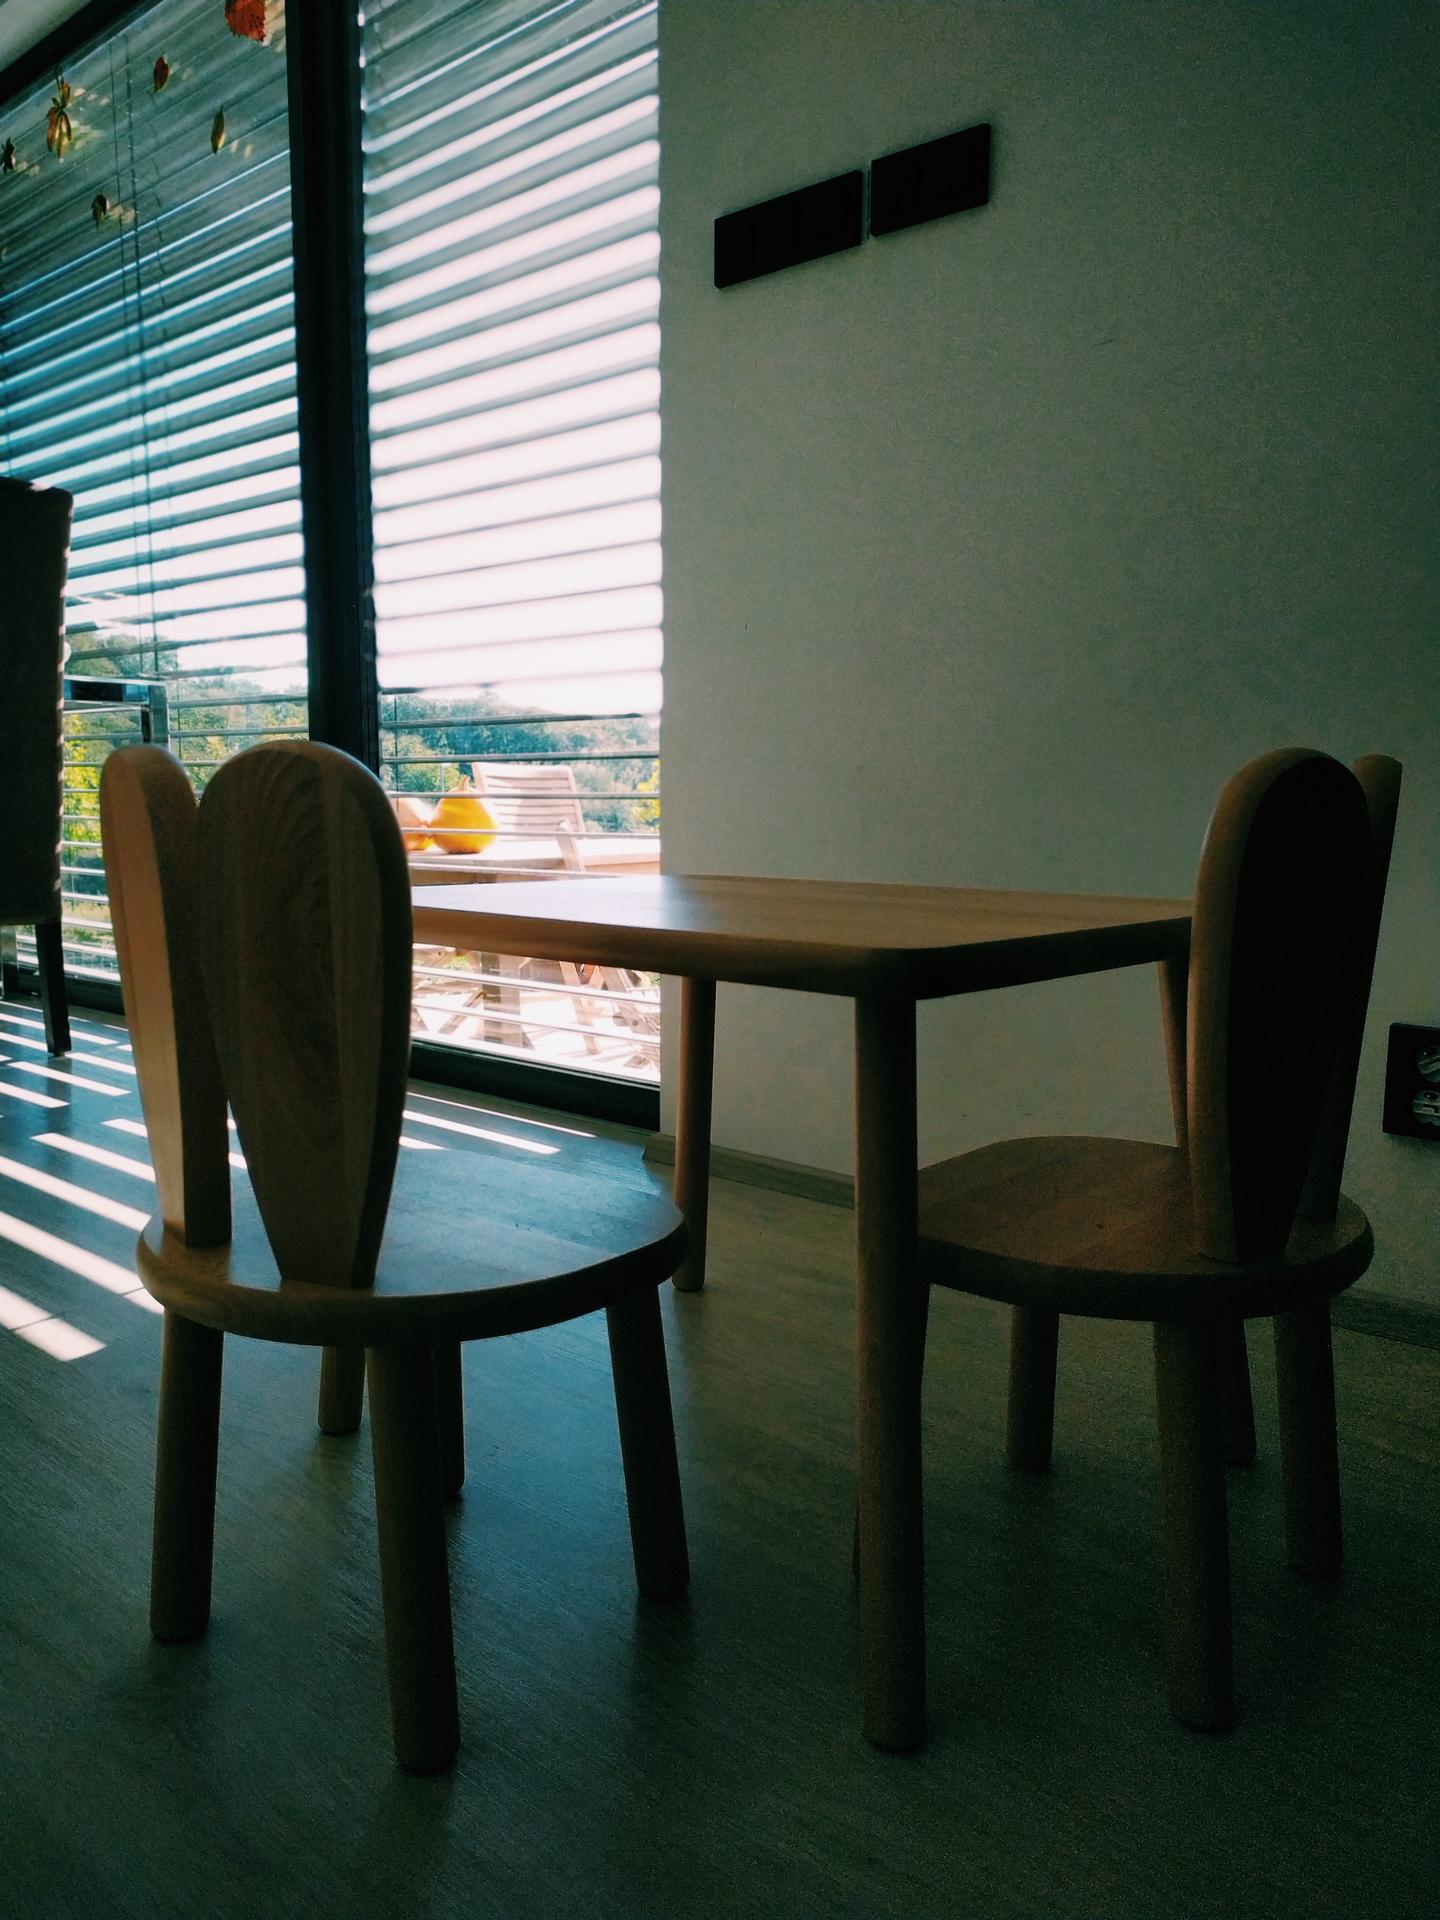 Náš domov ve svahu - Konečně pořádné místo pro tvorbu :). Miluju to světlo.